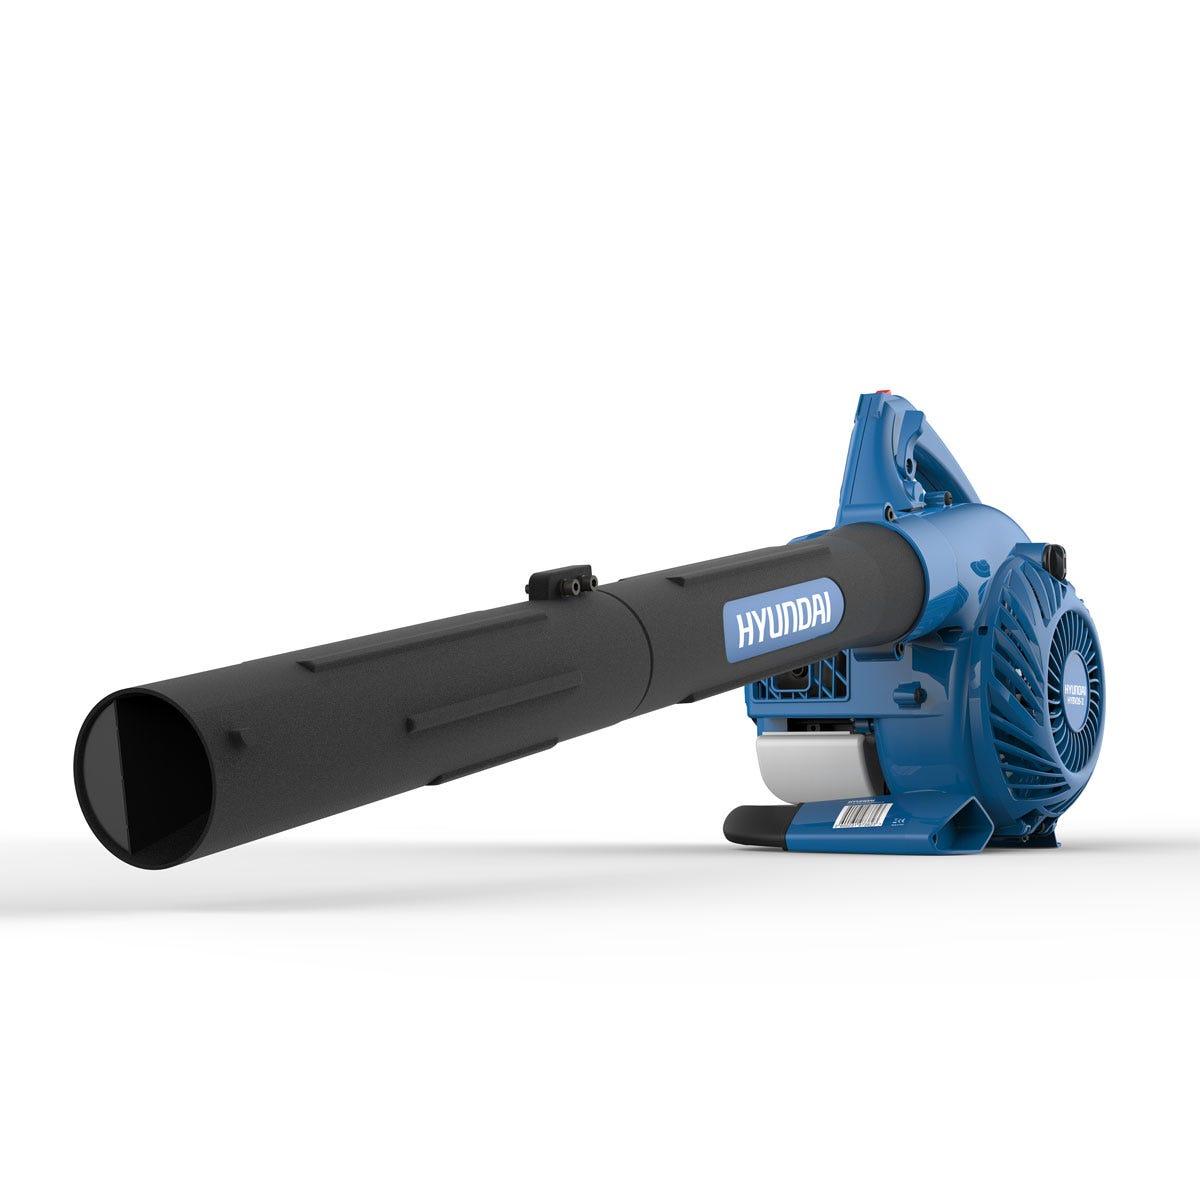 Hyundai HYBV26-2 26cc Petrol Leaf Blower w/ Shredder and Vacuum